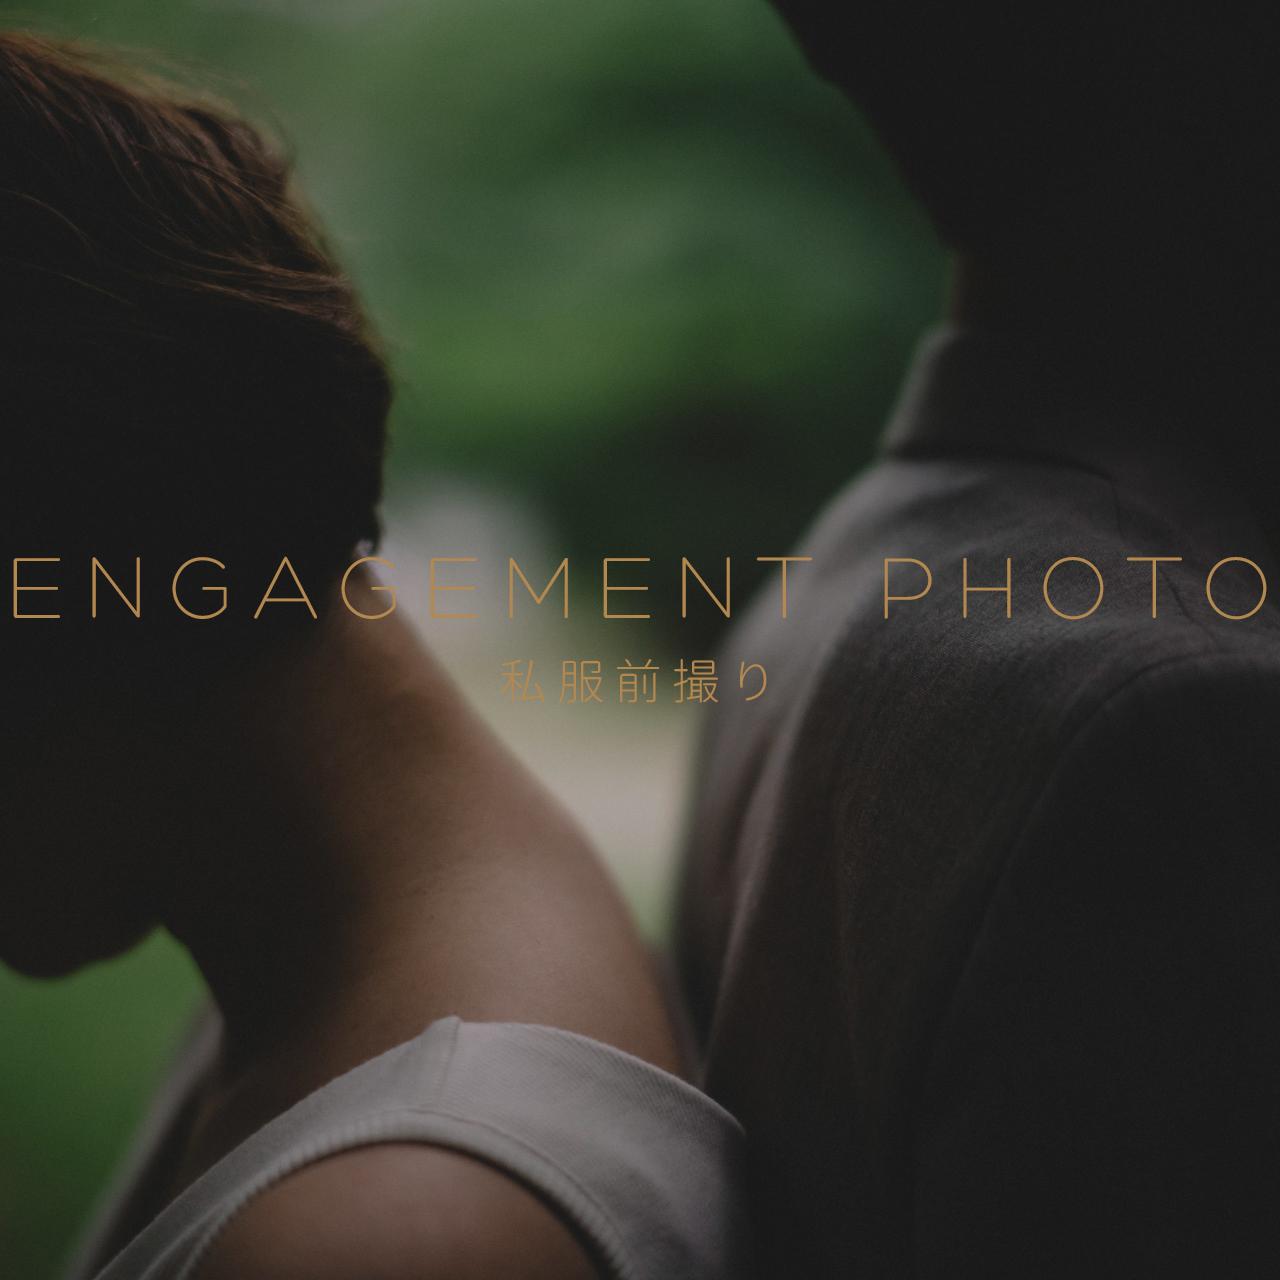 結婚式カメラマン ウェディングフォト 結婚写真 エンゲージメントフォト 私服前撮り Fika and Fotos